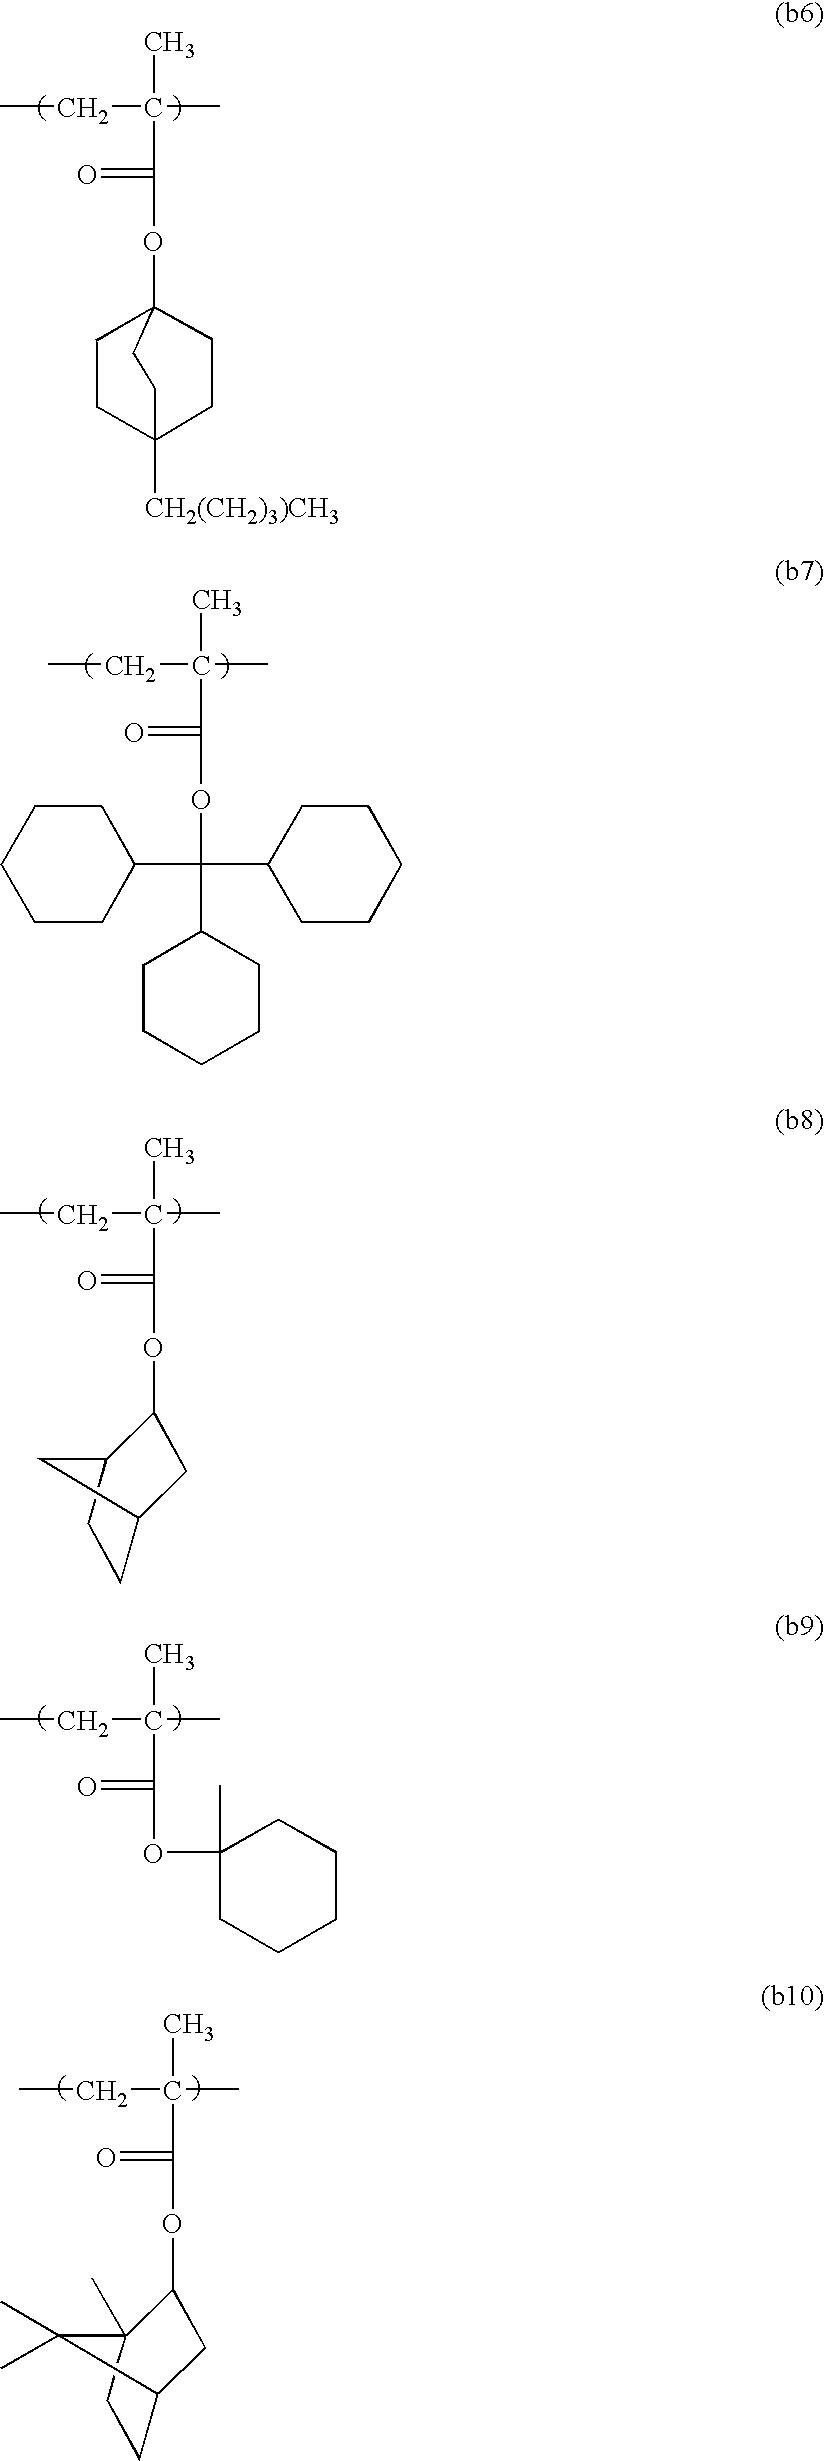 Figure US20070003871A1-20070104-C00065